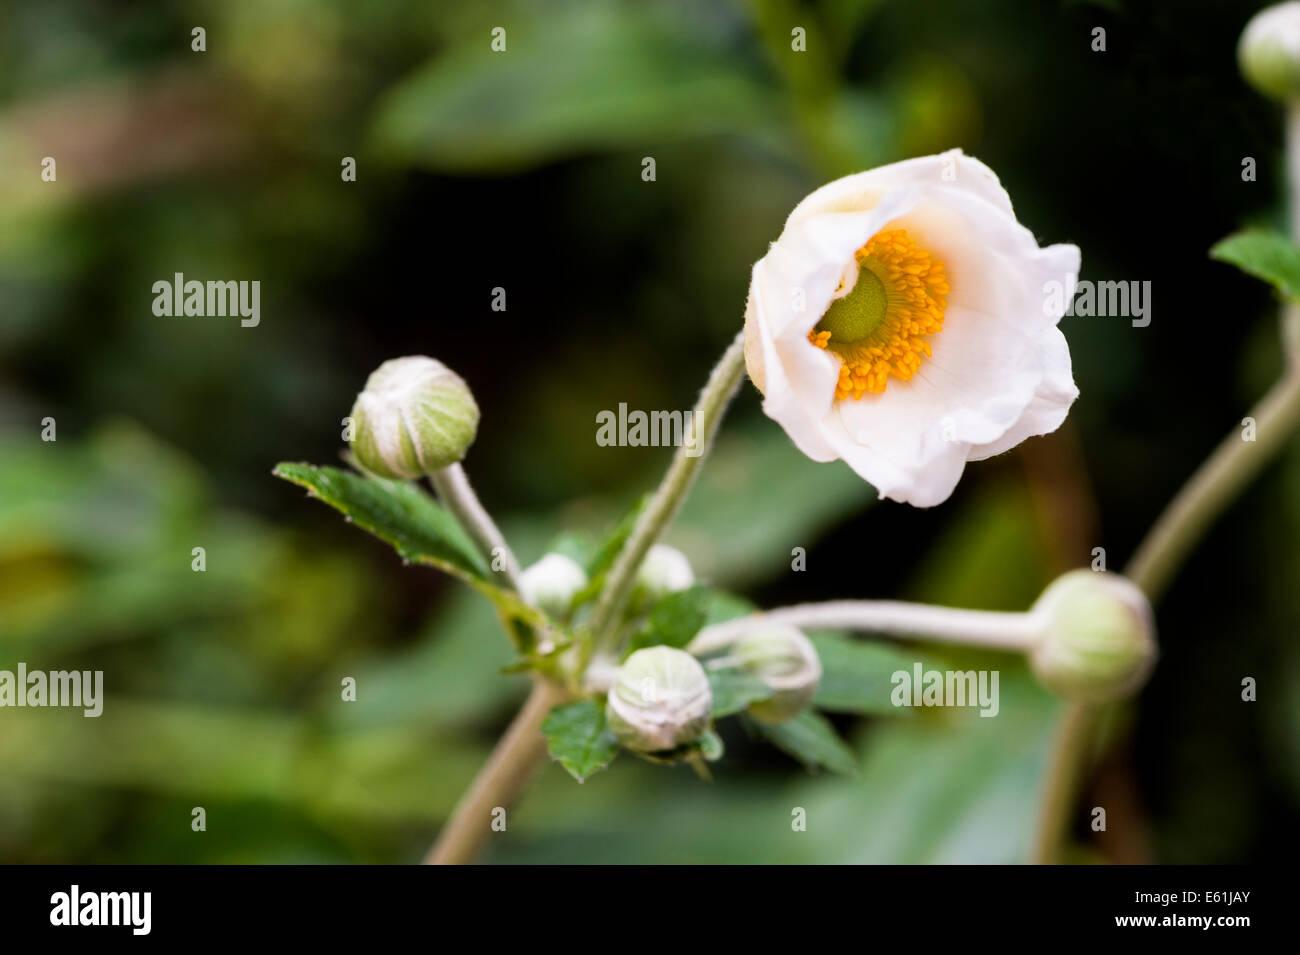 Japanese White Flower Stock Photos Japanese White Flower Stock